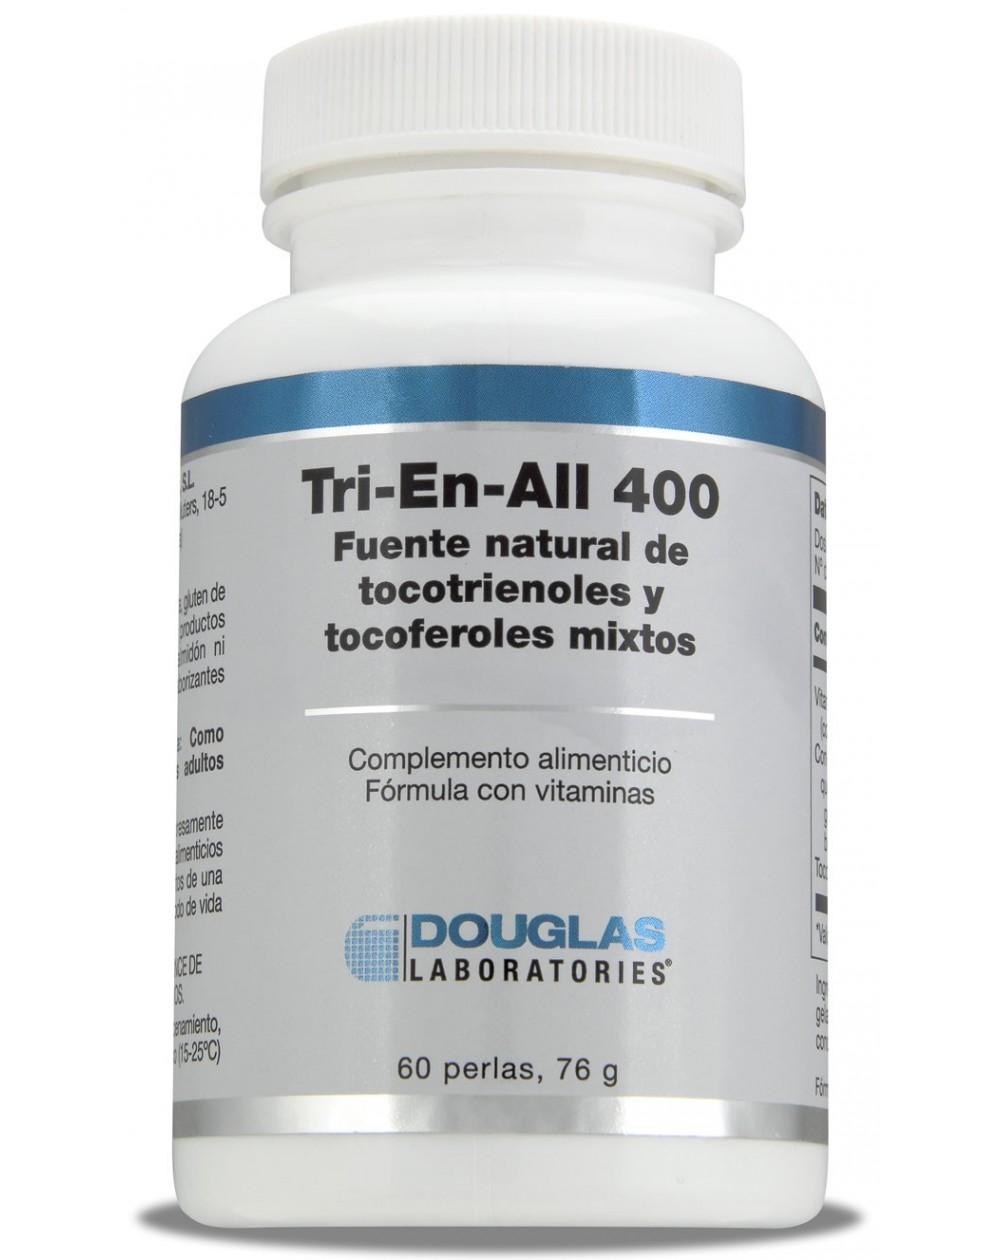 Tri-En-All 400 (60 perlas)